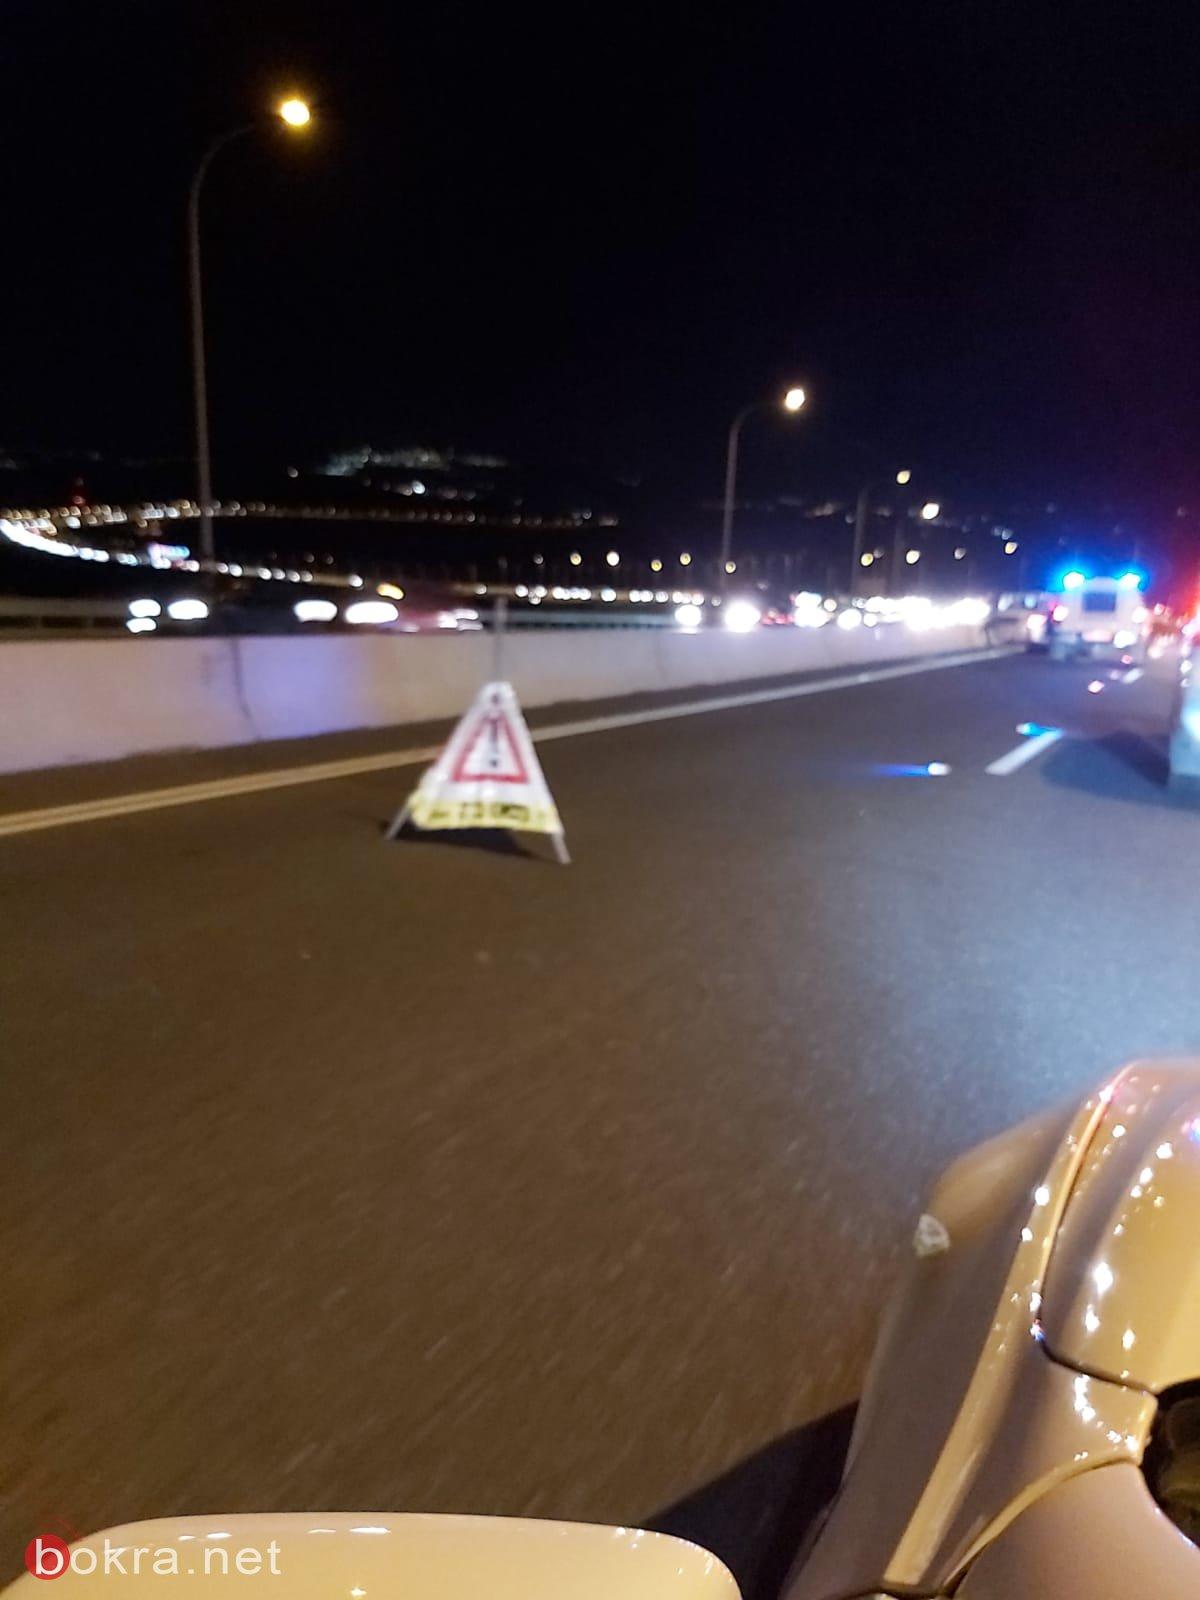 اصابات عديدة في حادث طرق بالقرب من البعينة النجيدات-1